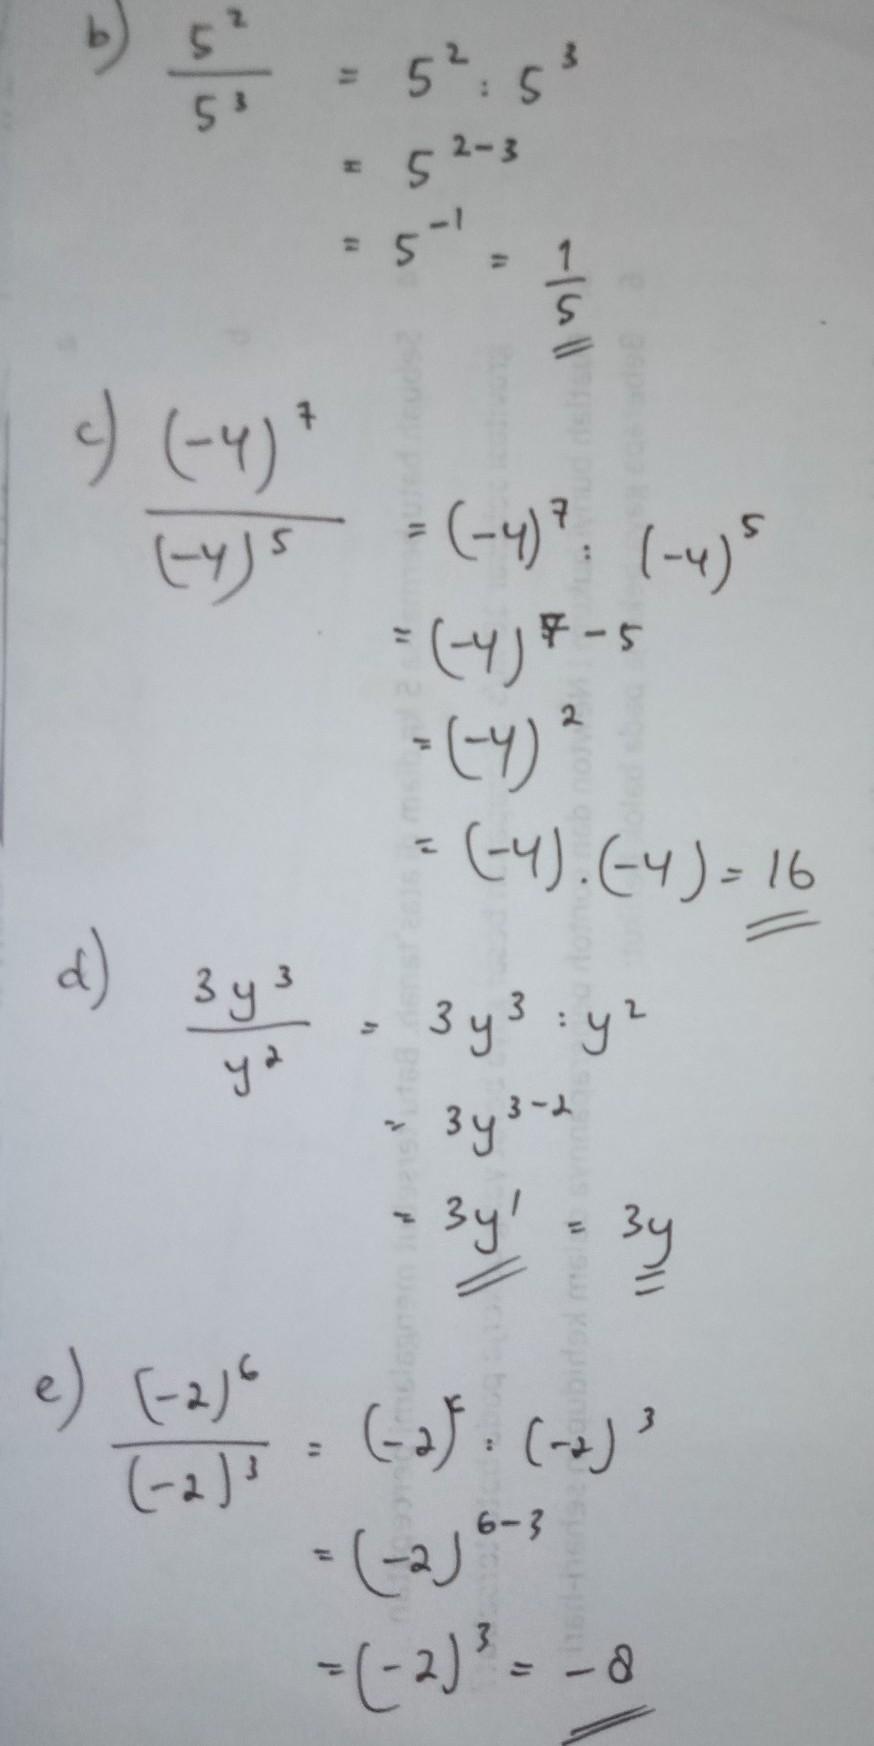 Pembagian Bilangan Berpangkat : pembagian, bilangan, berpangkat, 2.sederhanakan, Hasil, Pembagian, Bilangan, Berpangkat, Dibawah, Carilah, Brainly.co.id